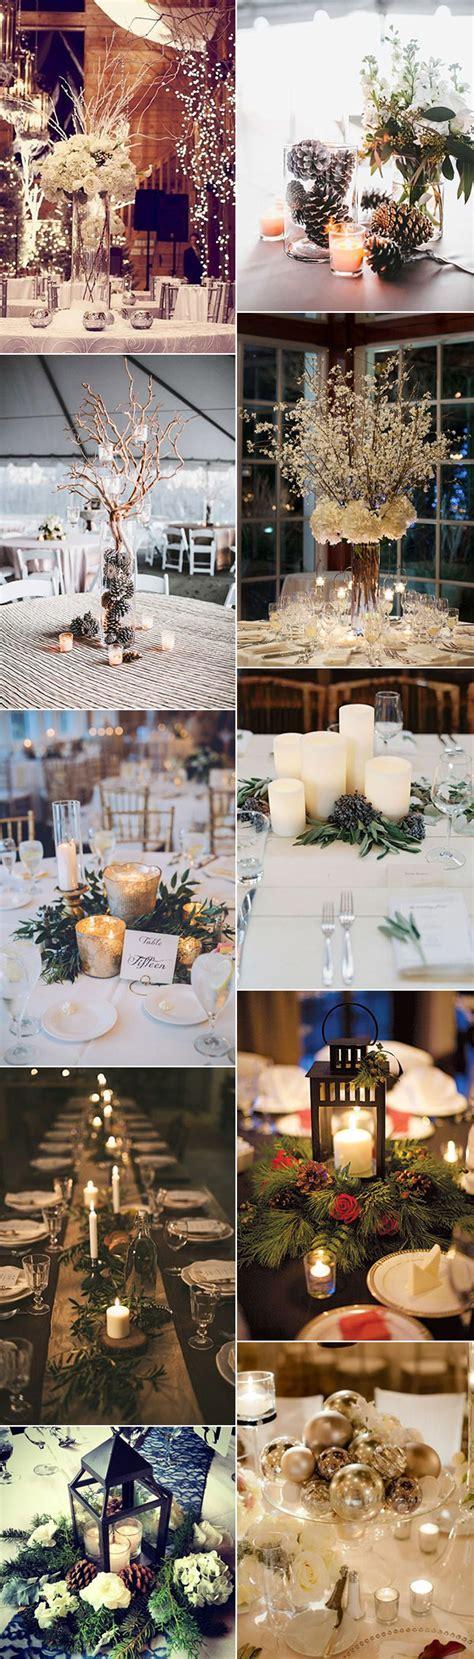 Wedding Ideas For Winter by 50 Brilliant Winter Wedding Ideas You Ll Stylish